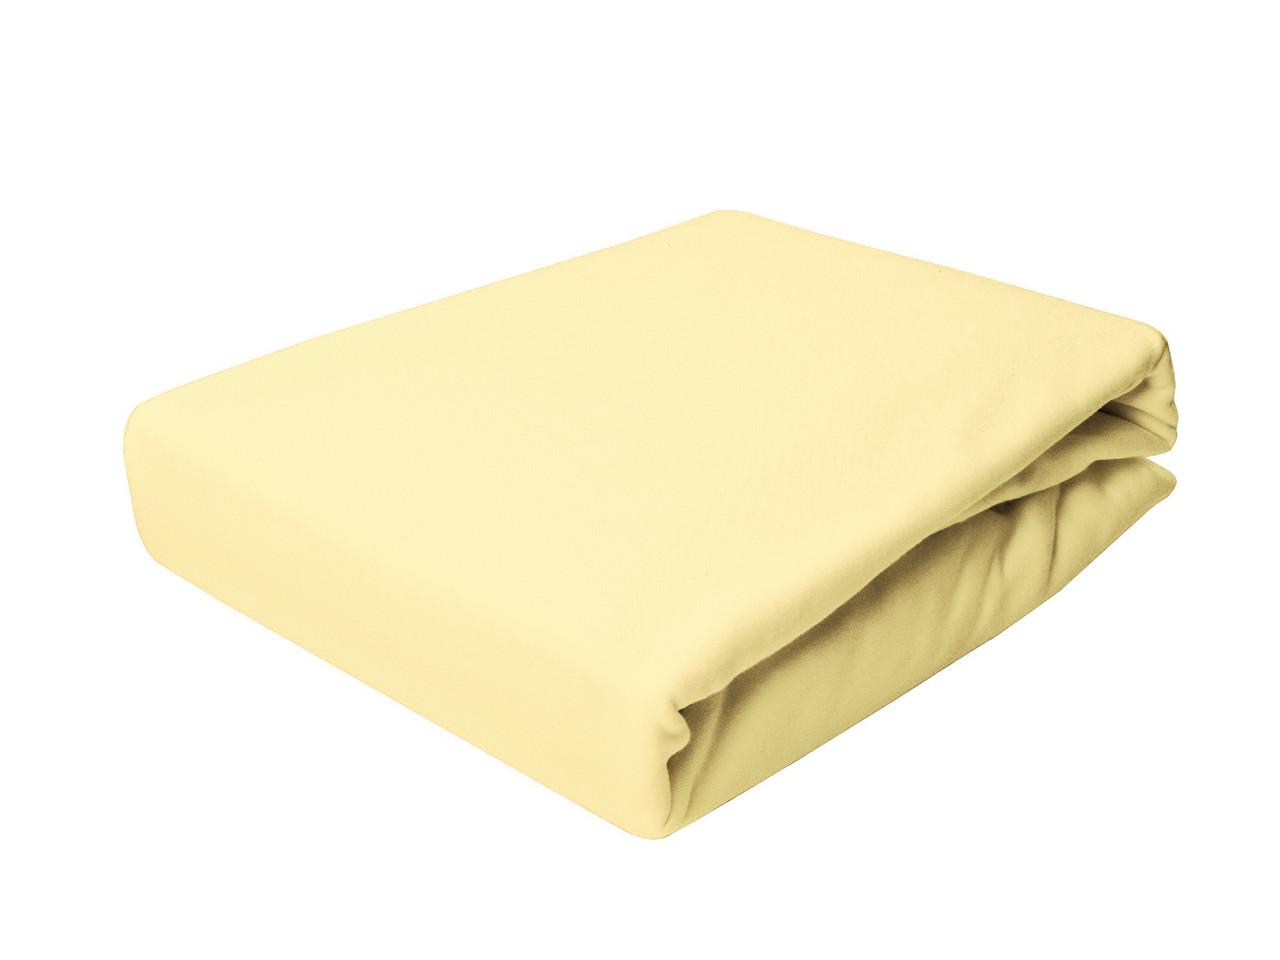 Простыня Трикотажная На резинке NR 003 P.P.H.U. J&M 5187 140x200 см Желтая